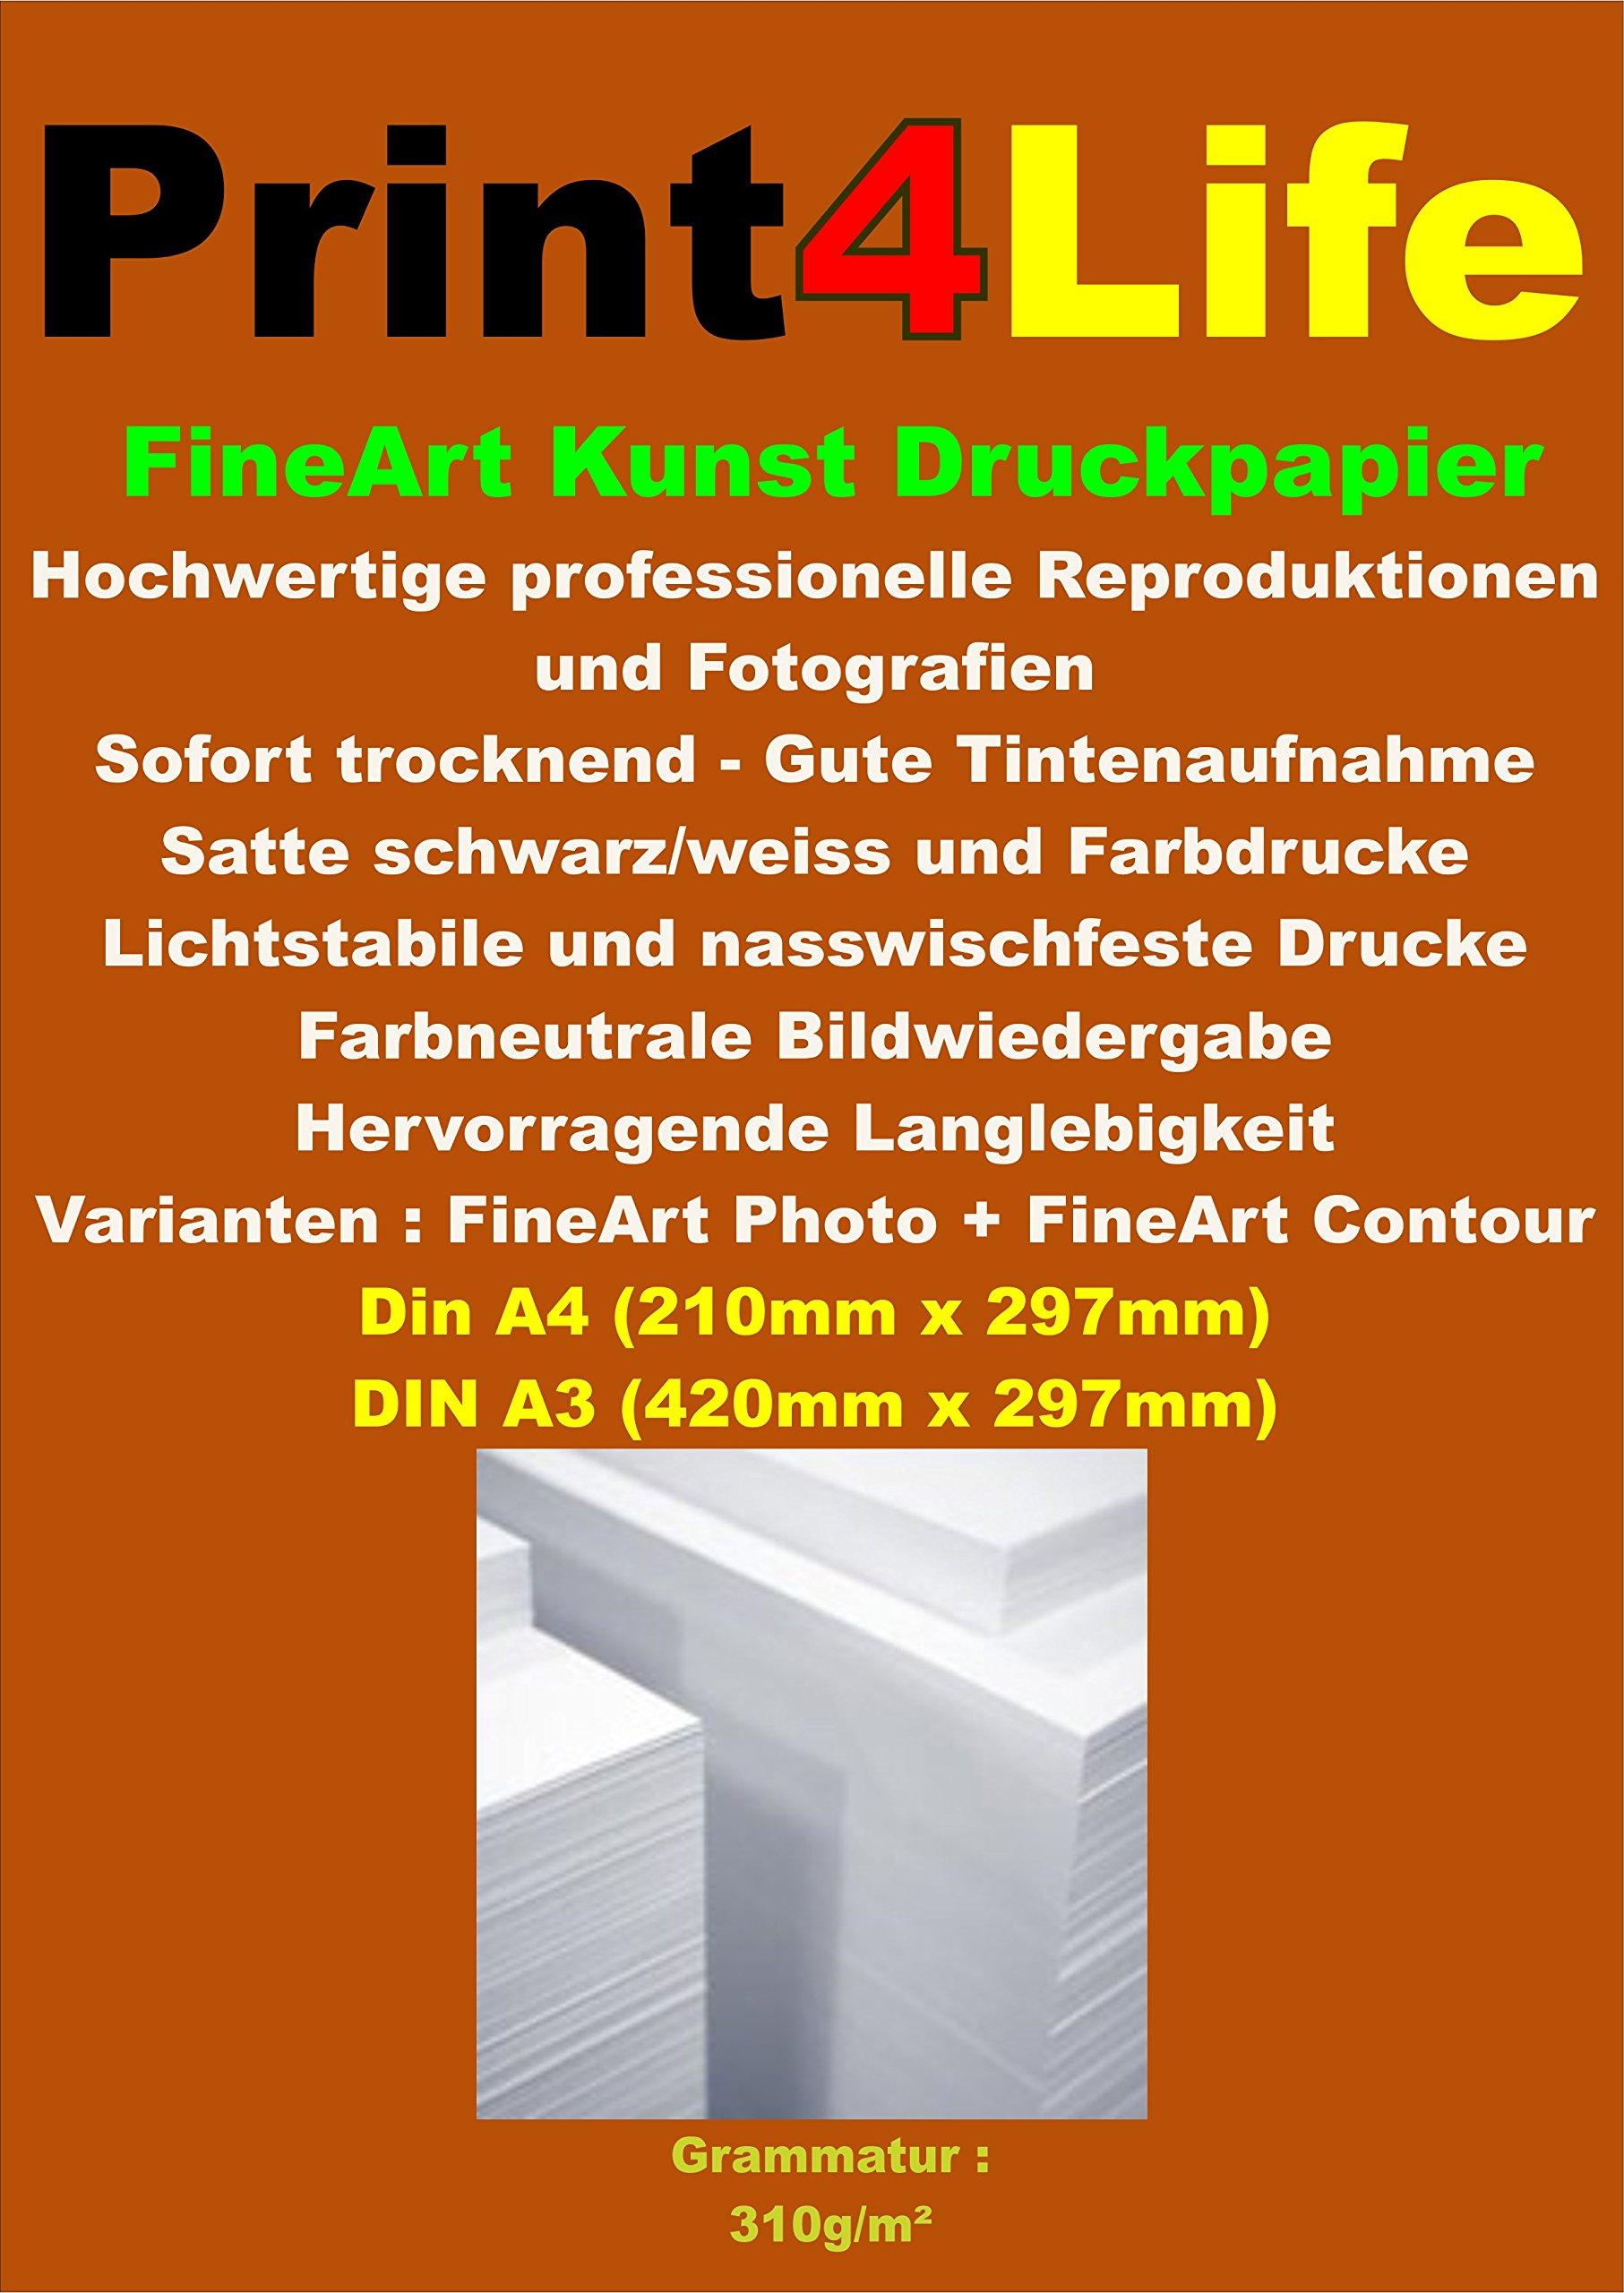 Papel recubierto 25 hojas A4 de alta calidad: Amazon.es: Electrónica